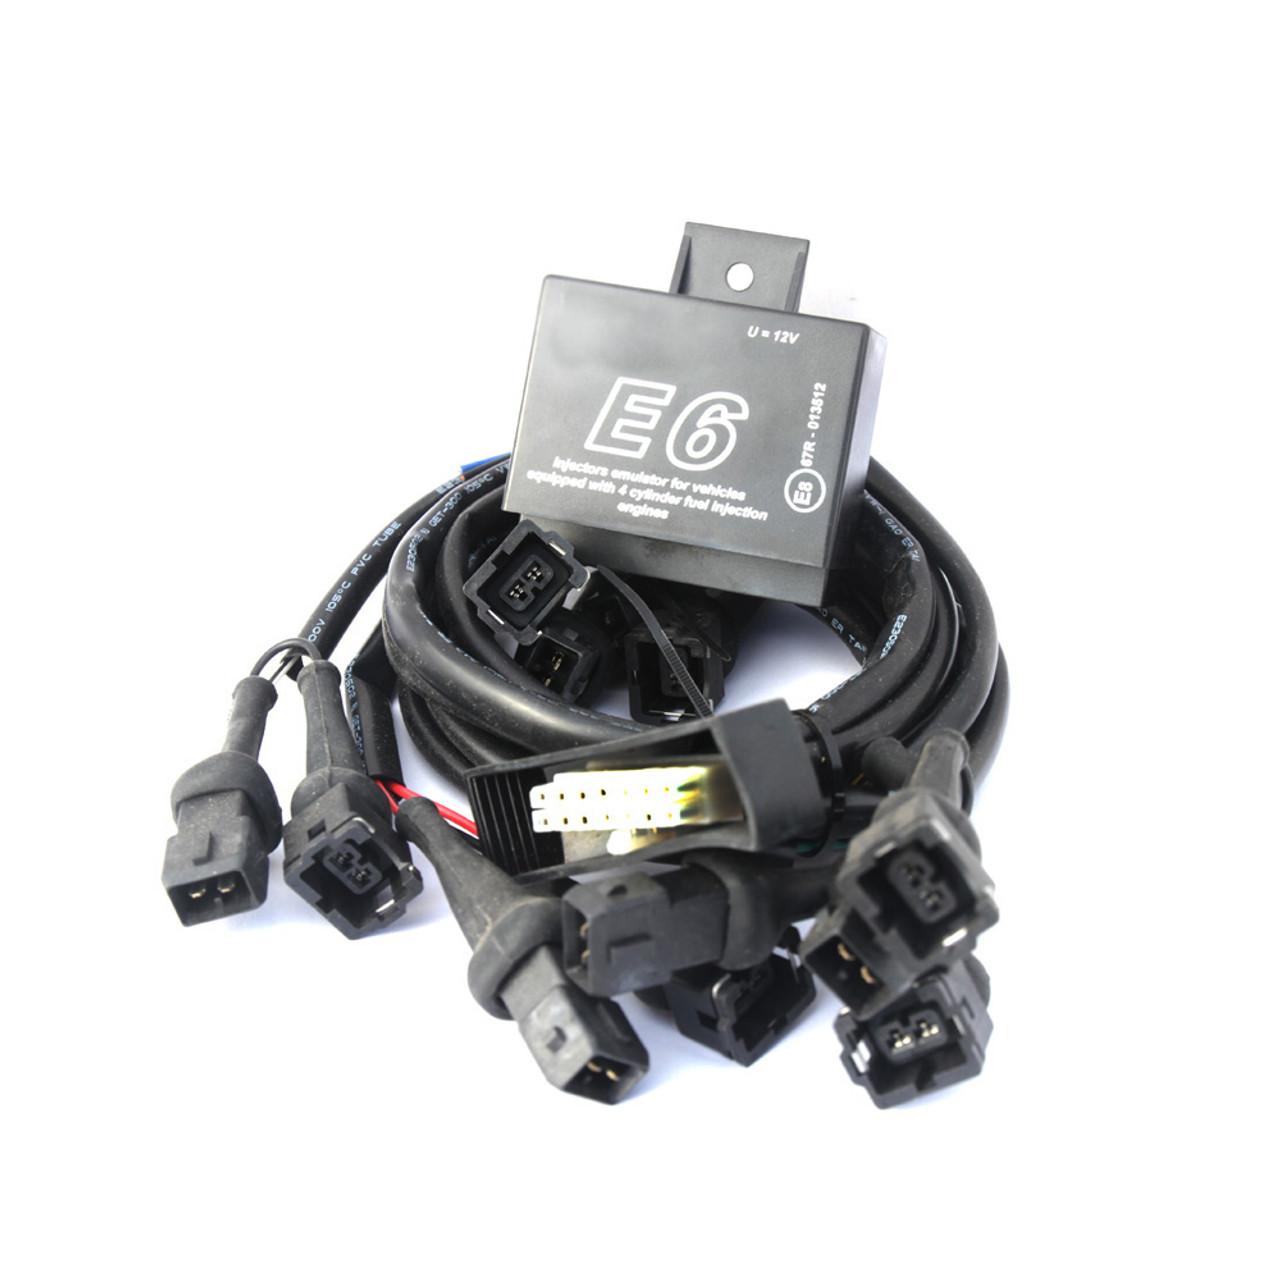 E6 6CYL Injectors Emulator